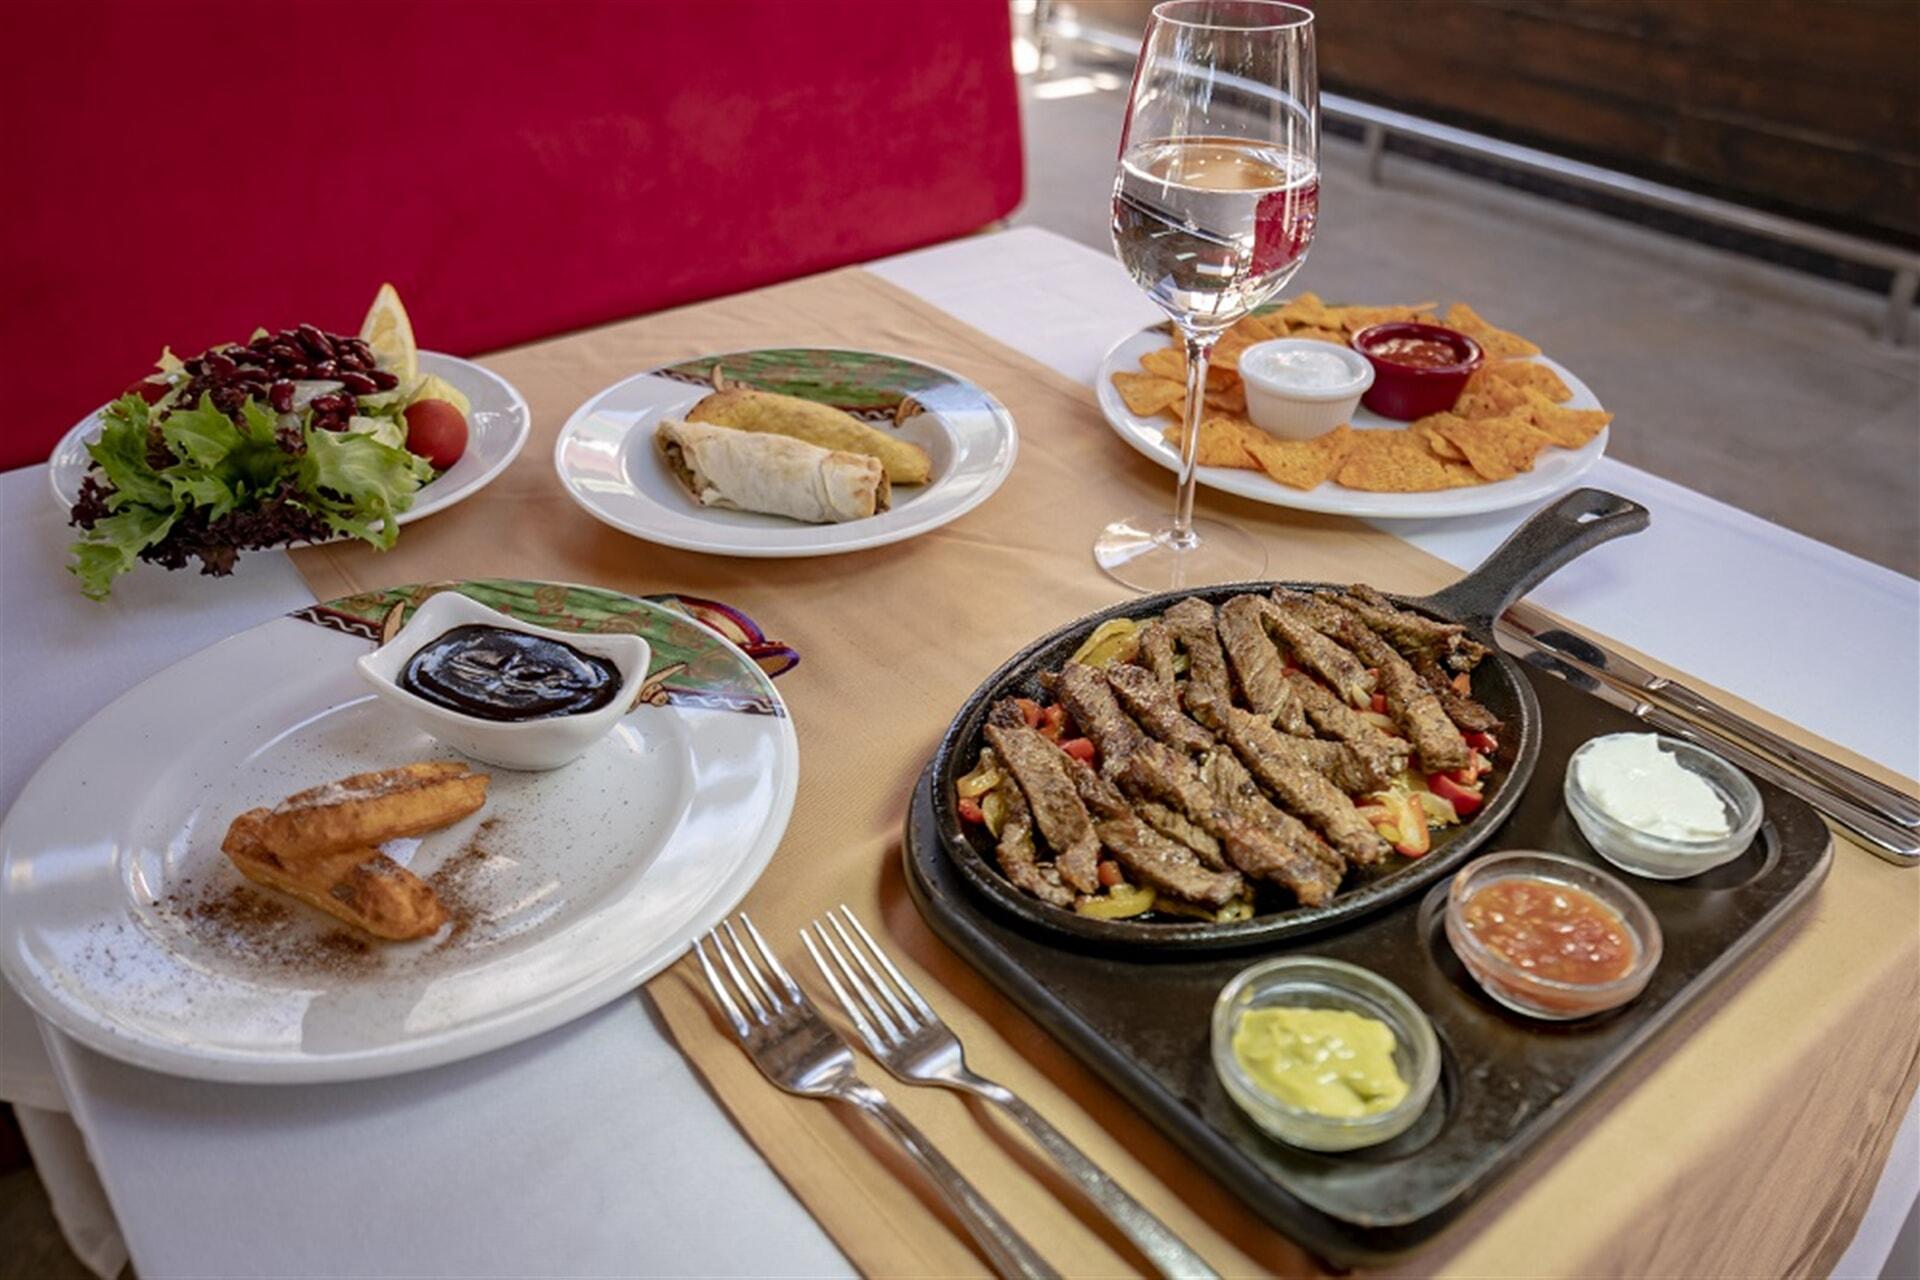 Wir haben die lebendige Kultur Mexikos mit dem einzigartigen Geschmack seiner Küche dekoriert.